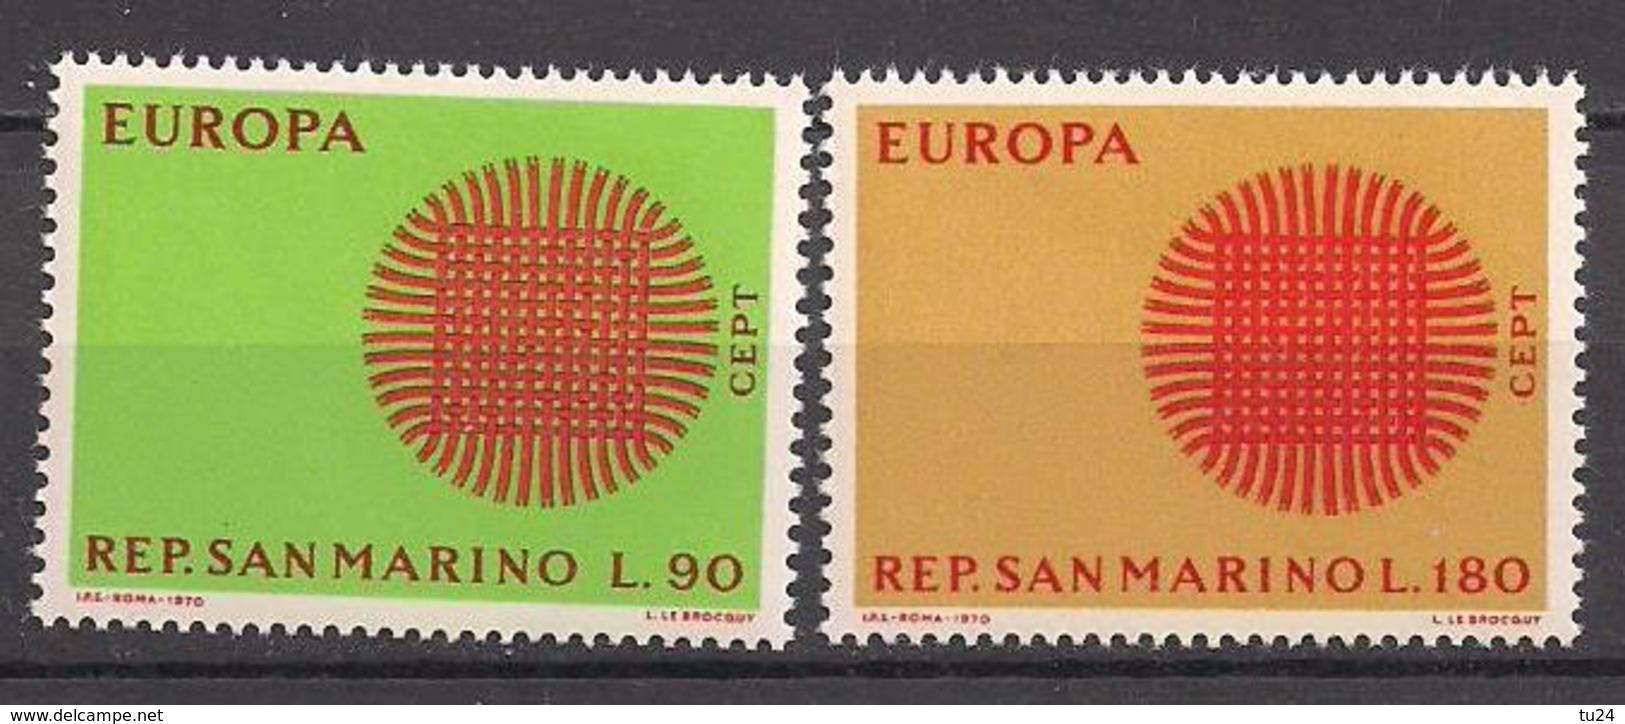 San Marino  (1970)  Mi.Nr.  955 + 956  ** / Mnh  (16fg02)  EUROPA - San Marino